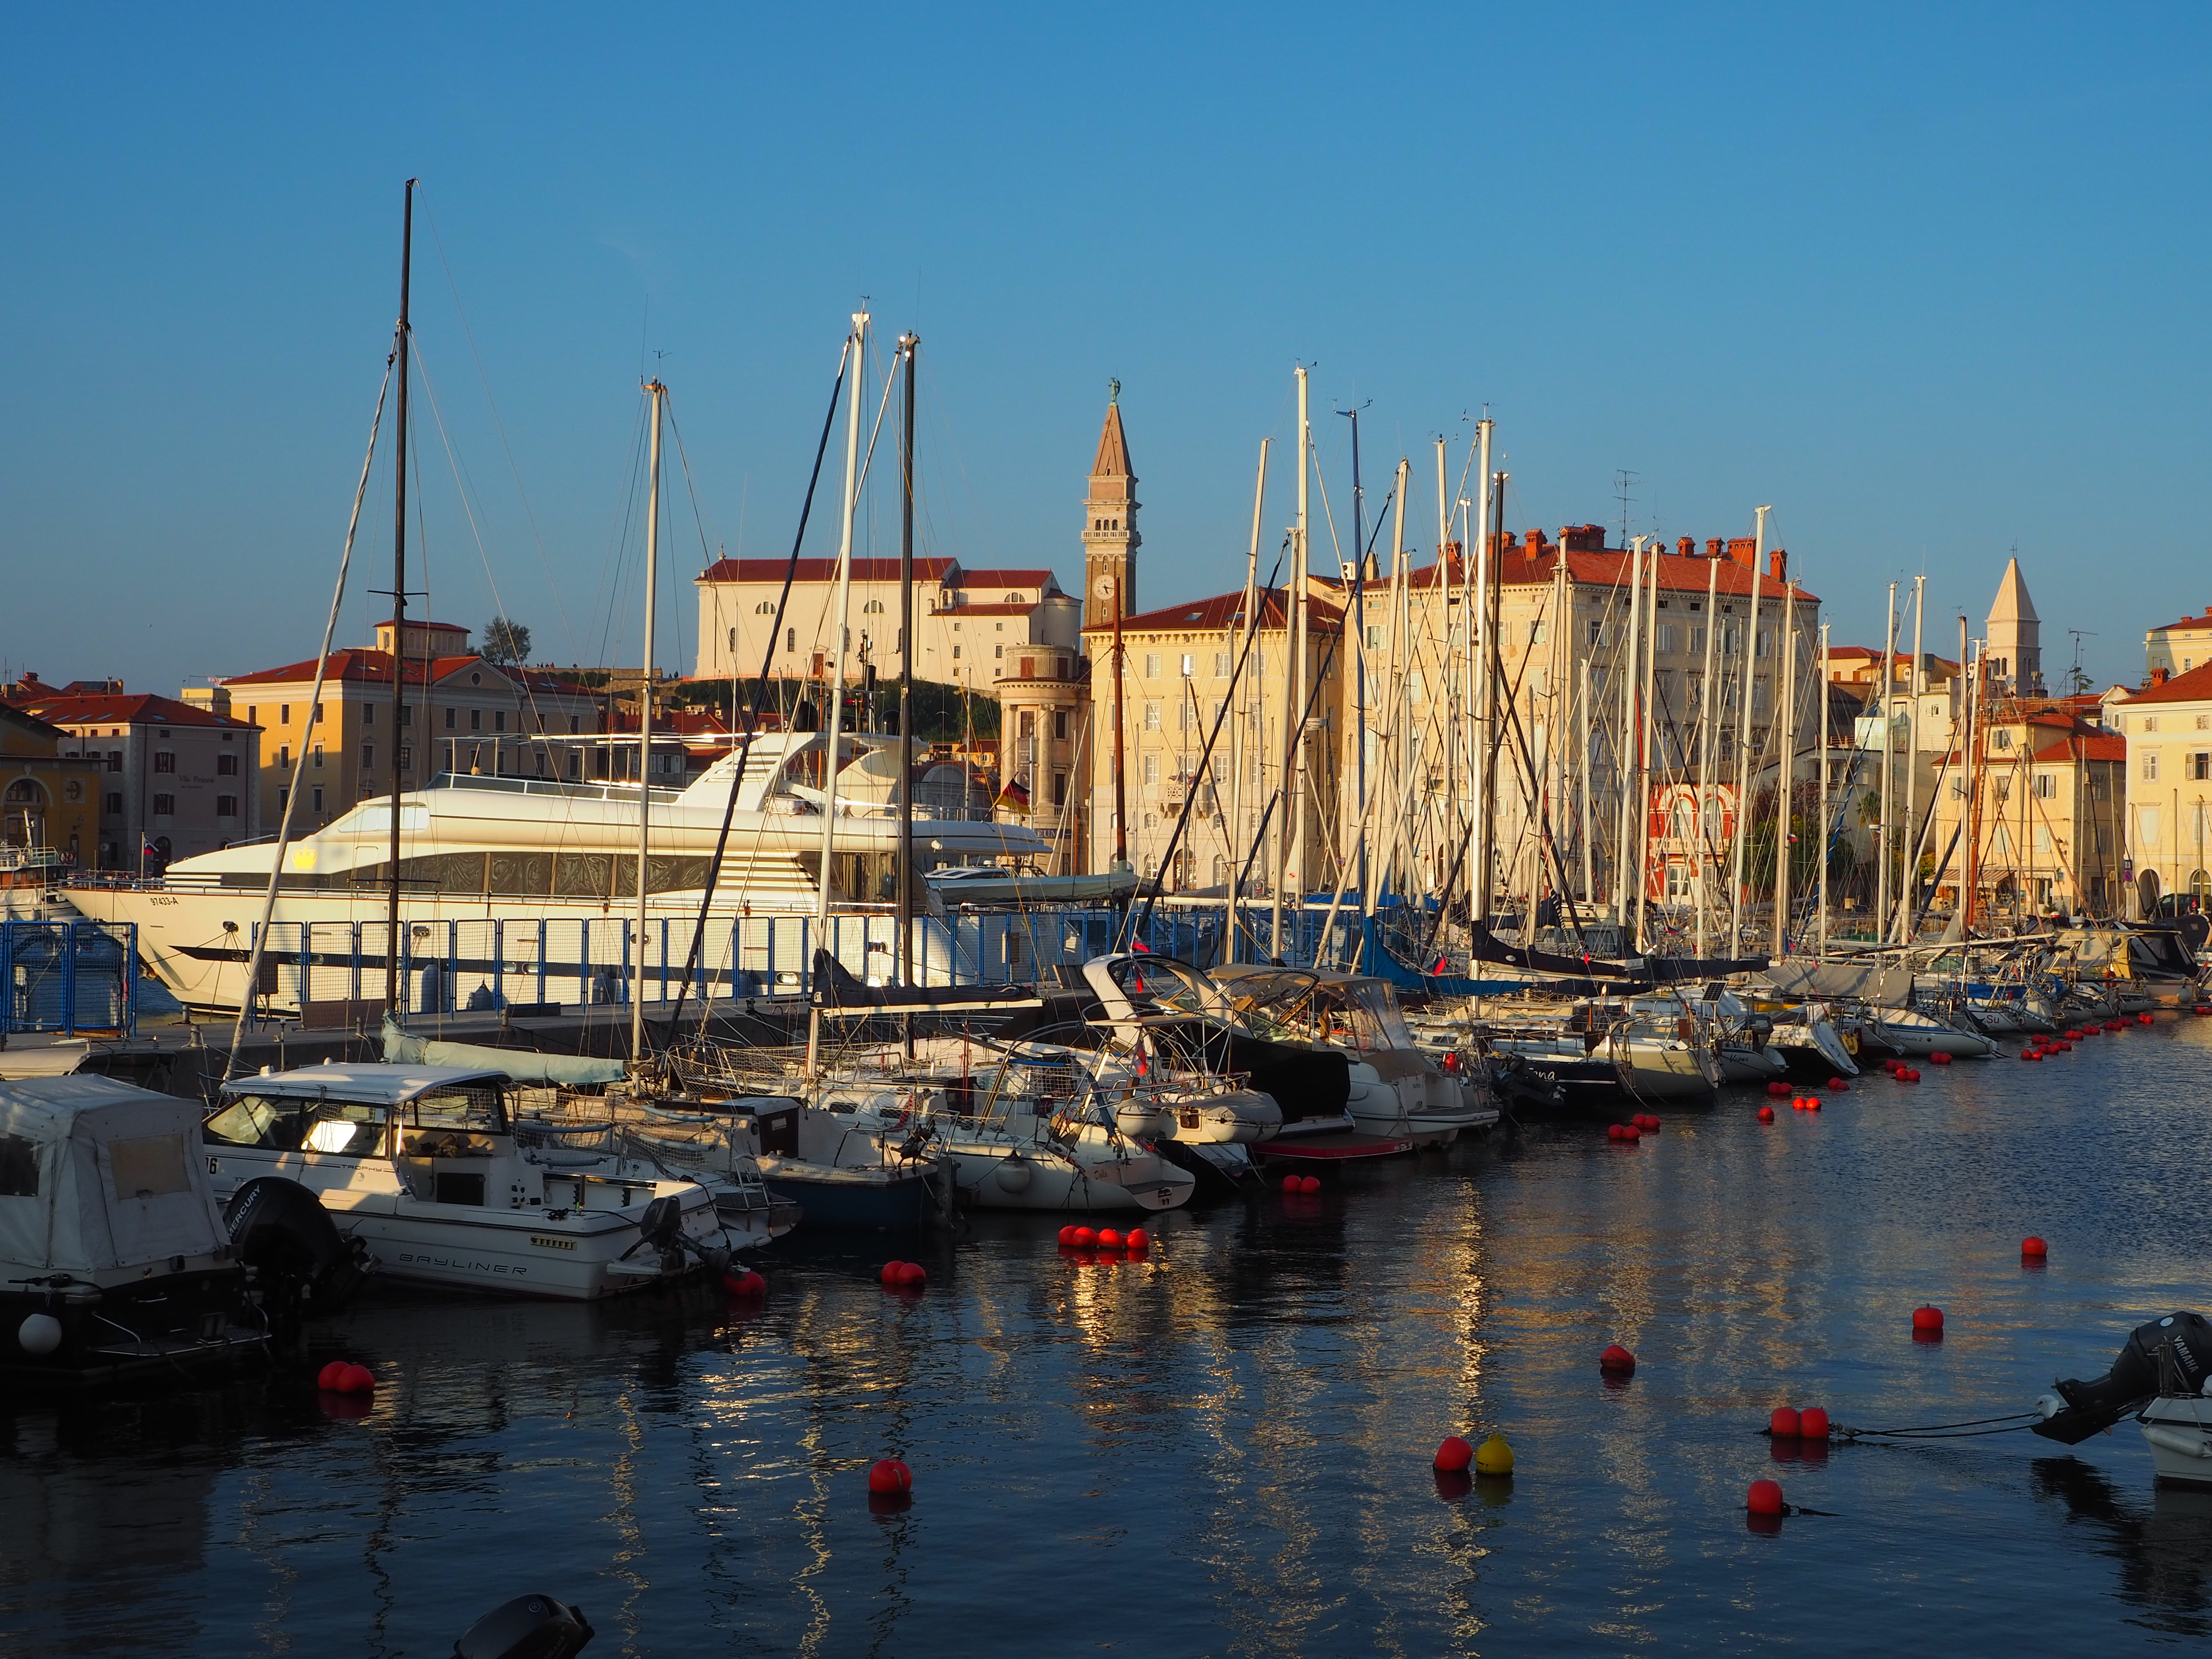 Piran – Sehnsuchtsort mit mittelalterlicher Atmosphäre in Istrien